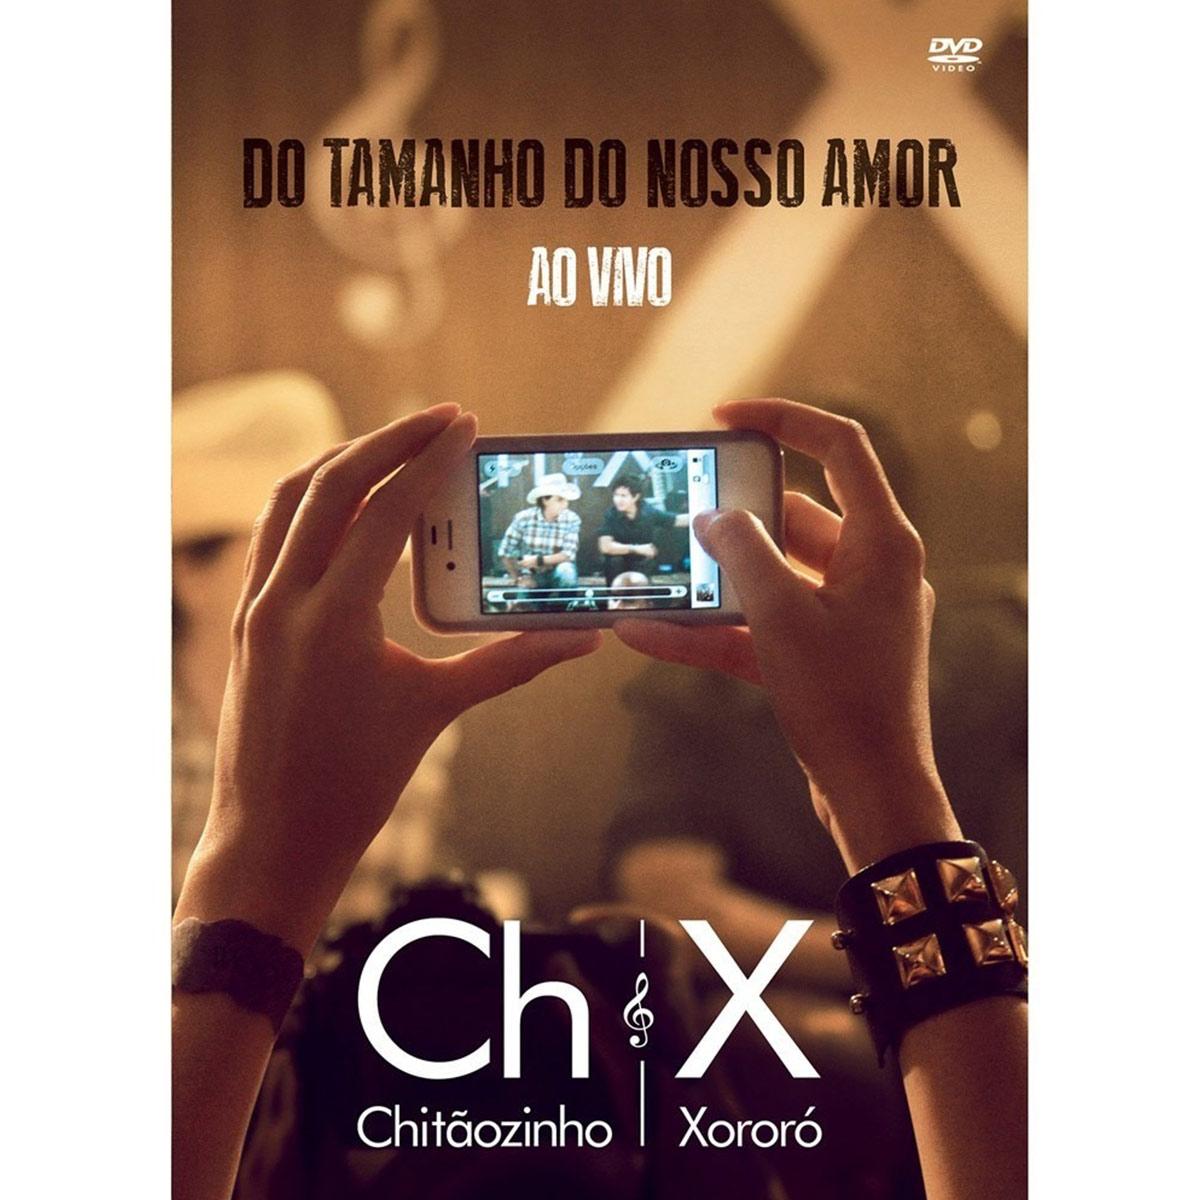 DVD Chitãozinho & Xororó Do Tamanho do Nosso Amor Ao Vivo